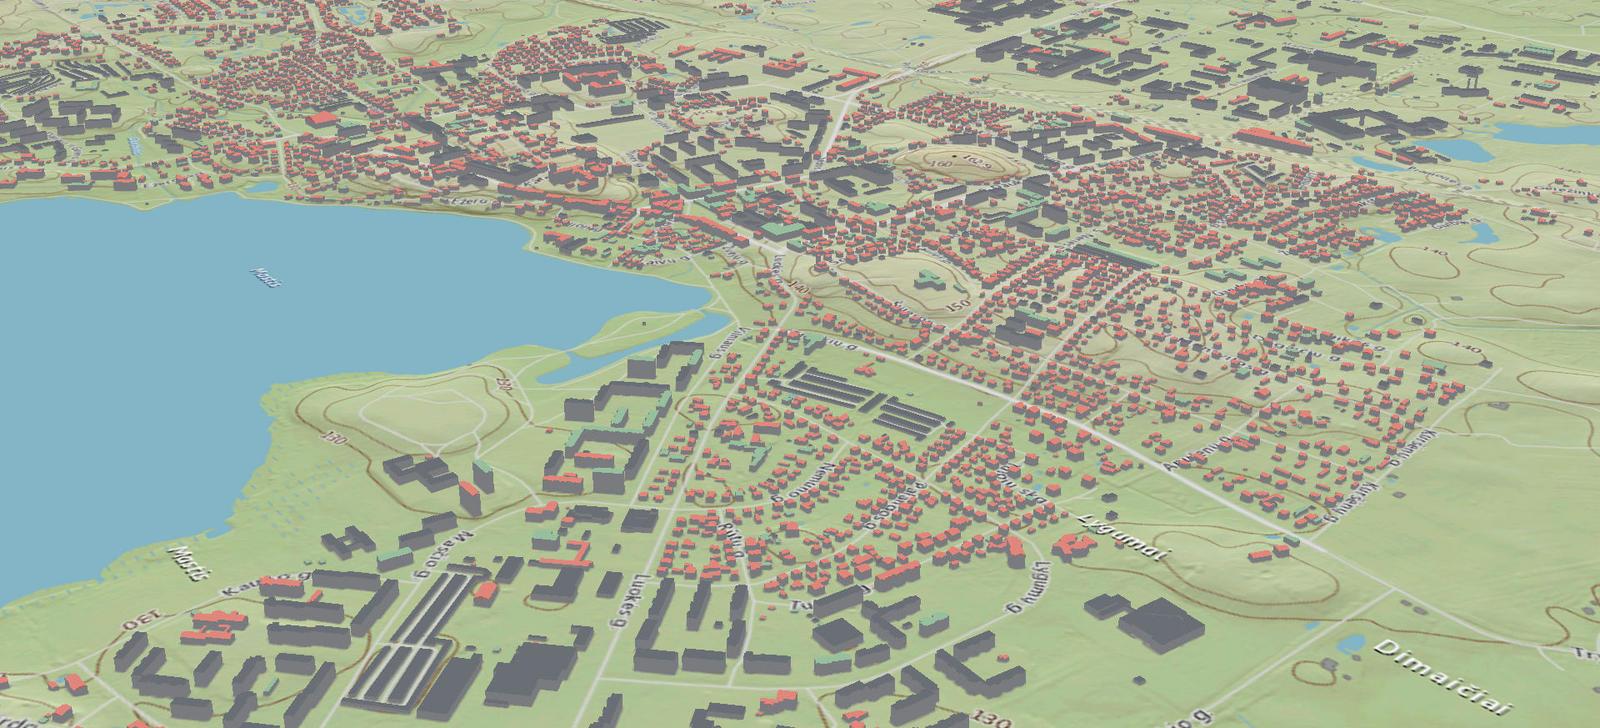 Pristatomas pirmasis detalus Lietuvos 3D žemėlapis | kl lt